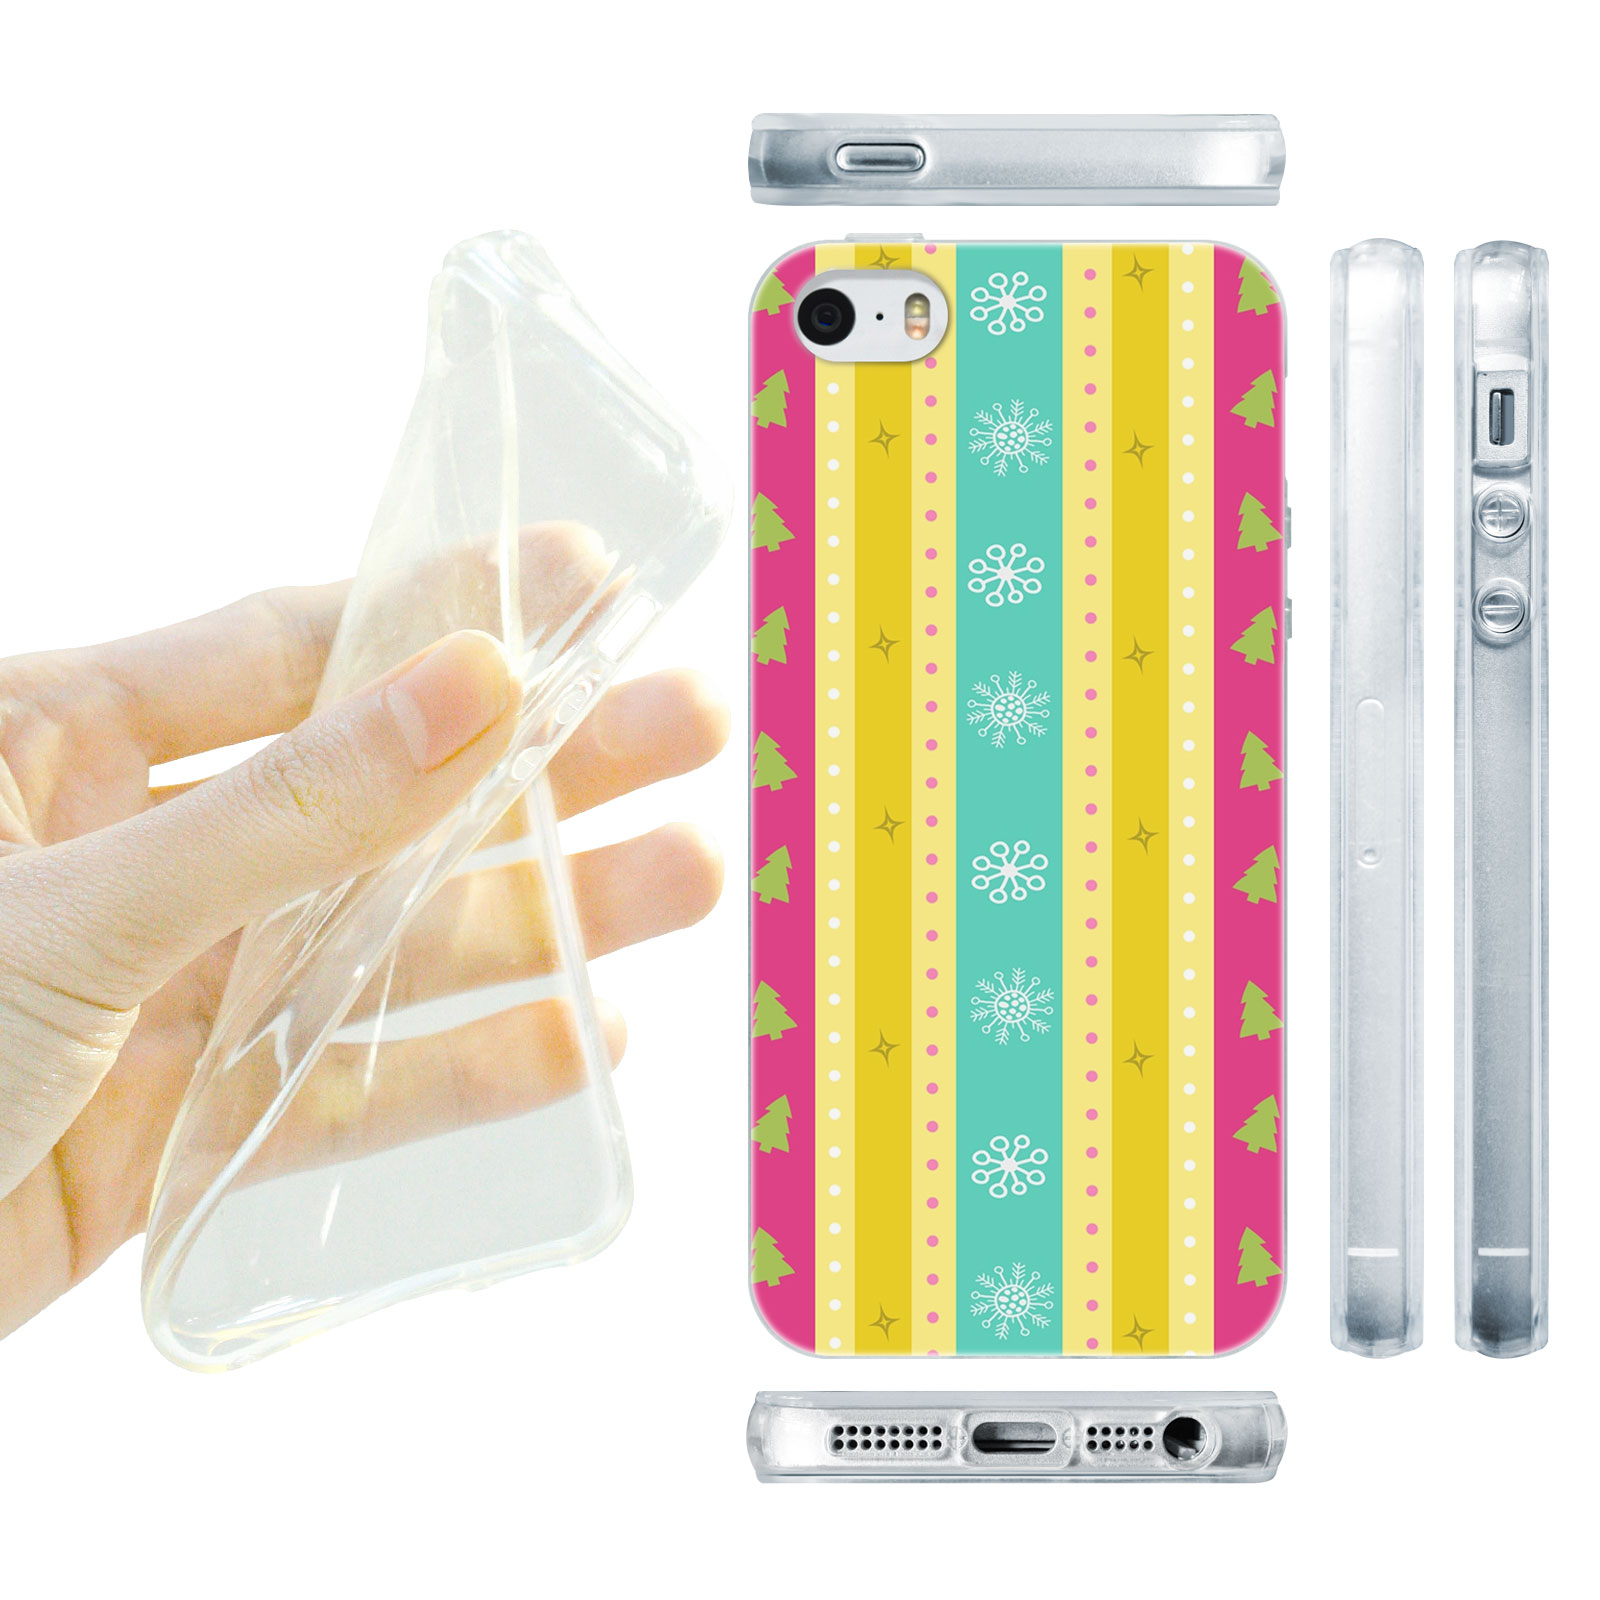 HEAD CASE silikonový obal na mobil Iphone 5/5S Vzor vánoce vánoční proužky růžová žlutá